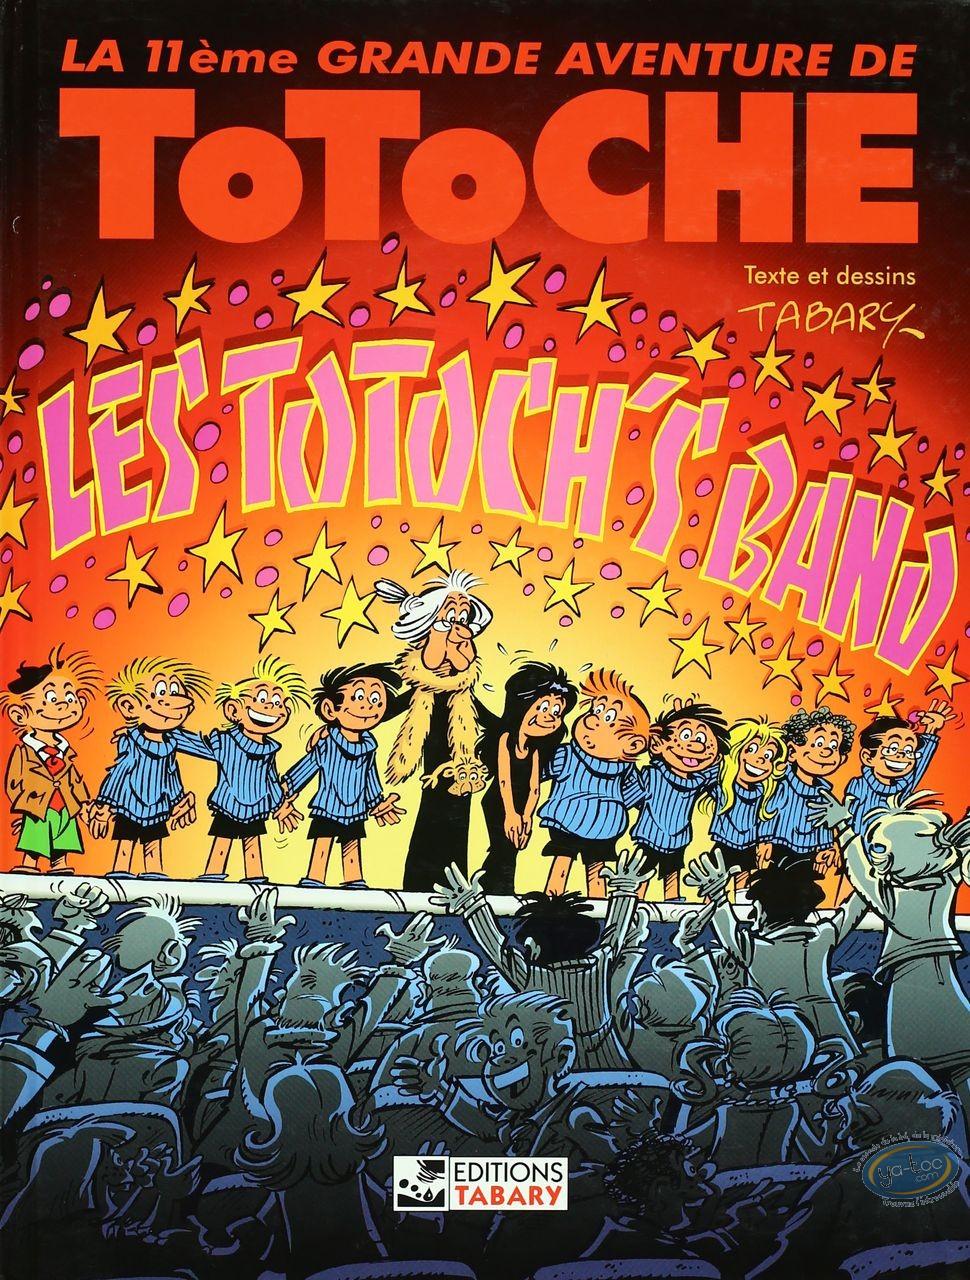 BD prix réduit, Totoche : Les Totoch's band - Les grandes aventures de Totoche Tome 11